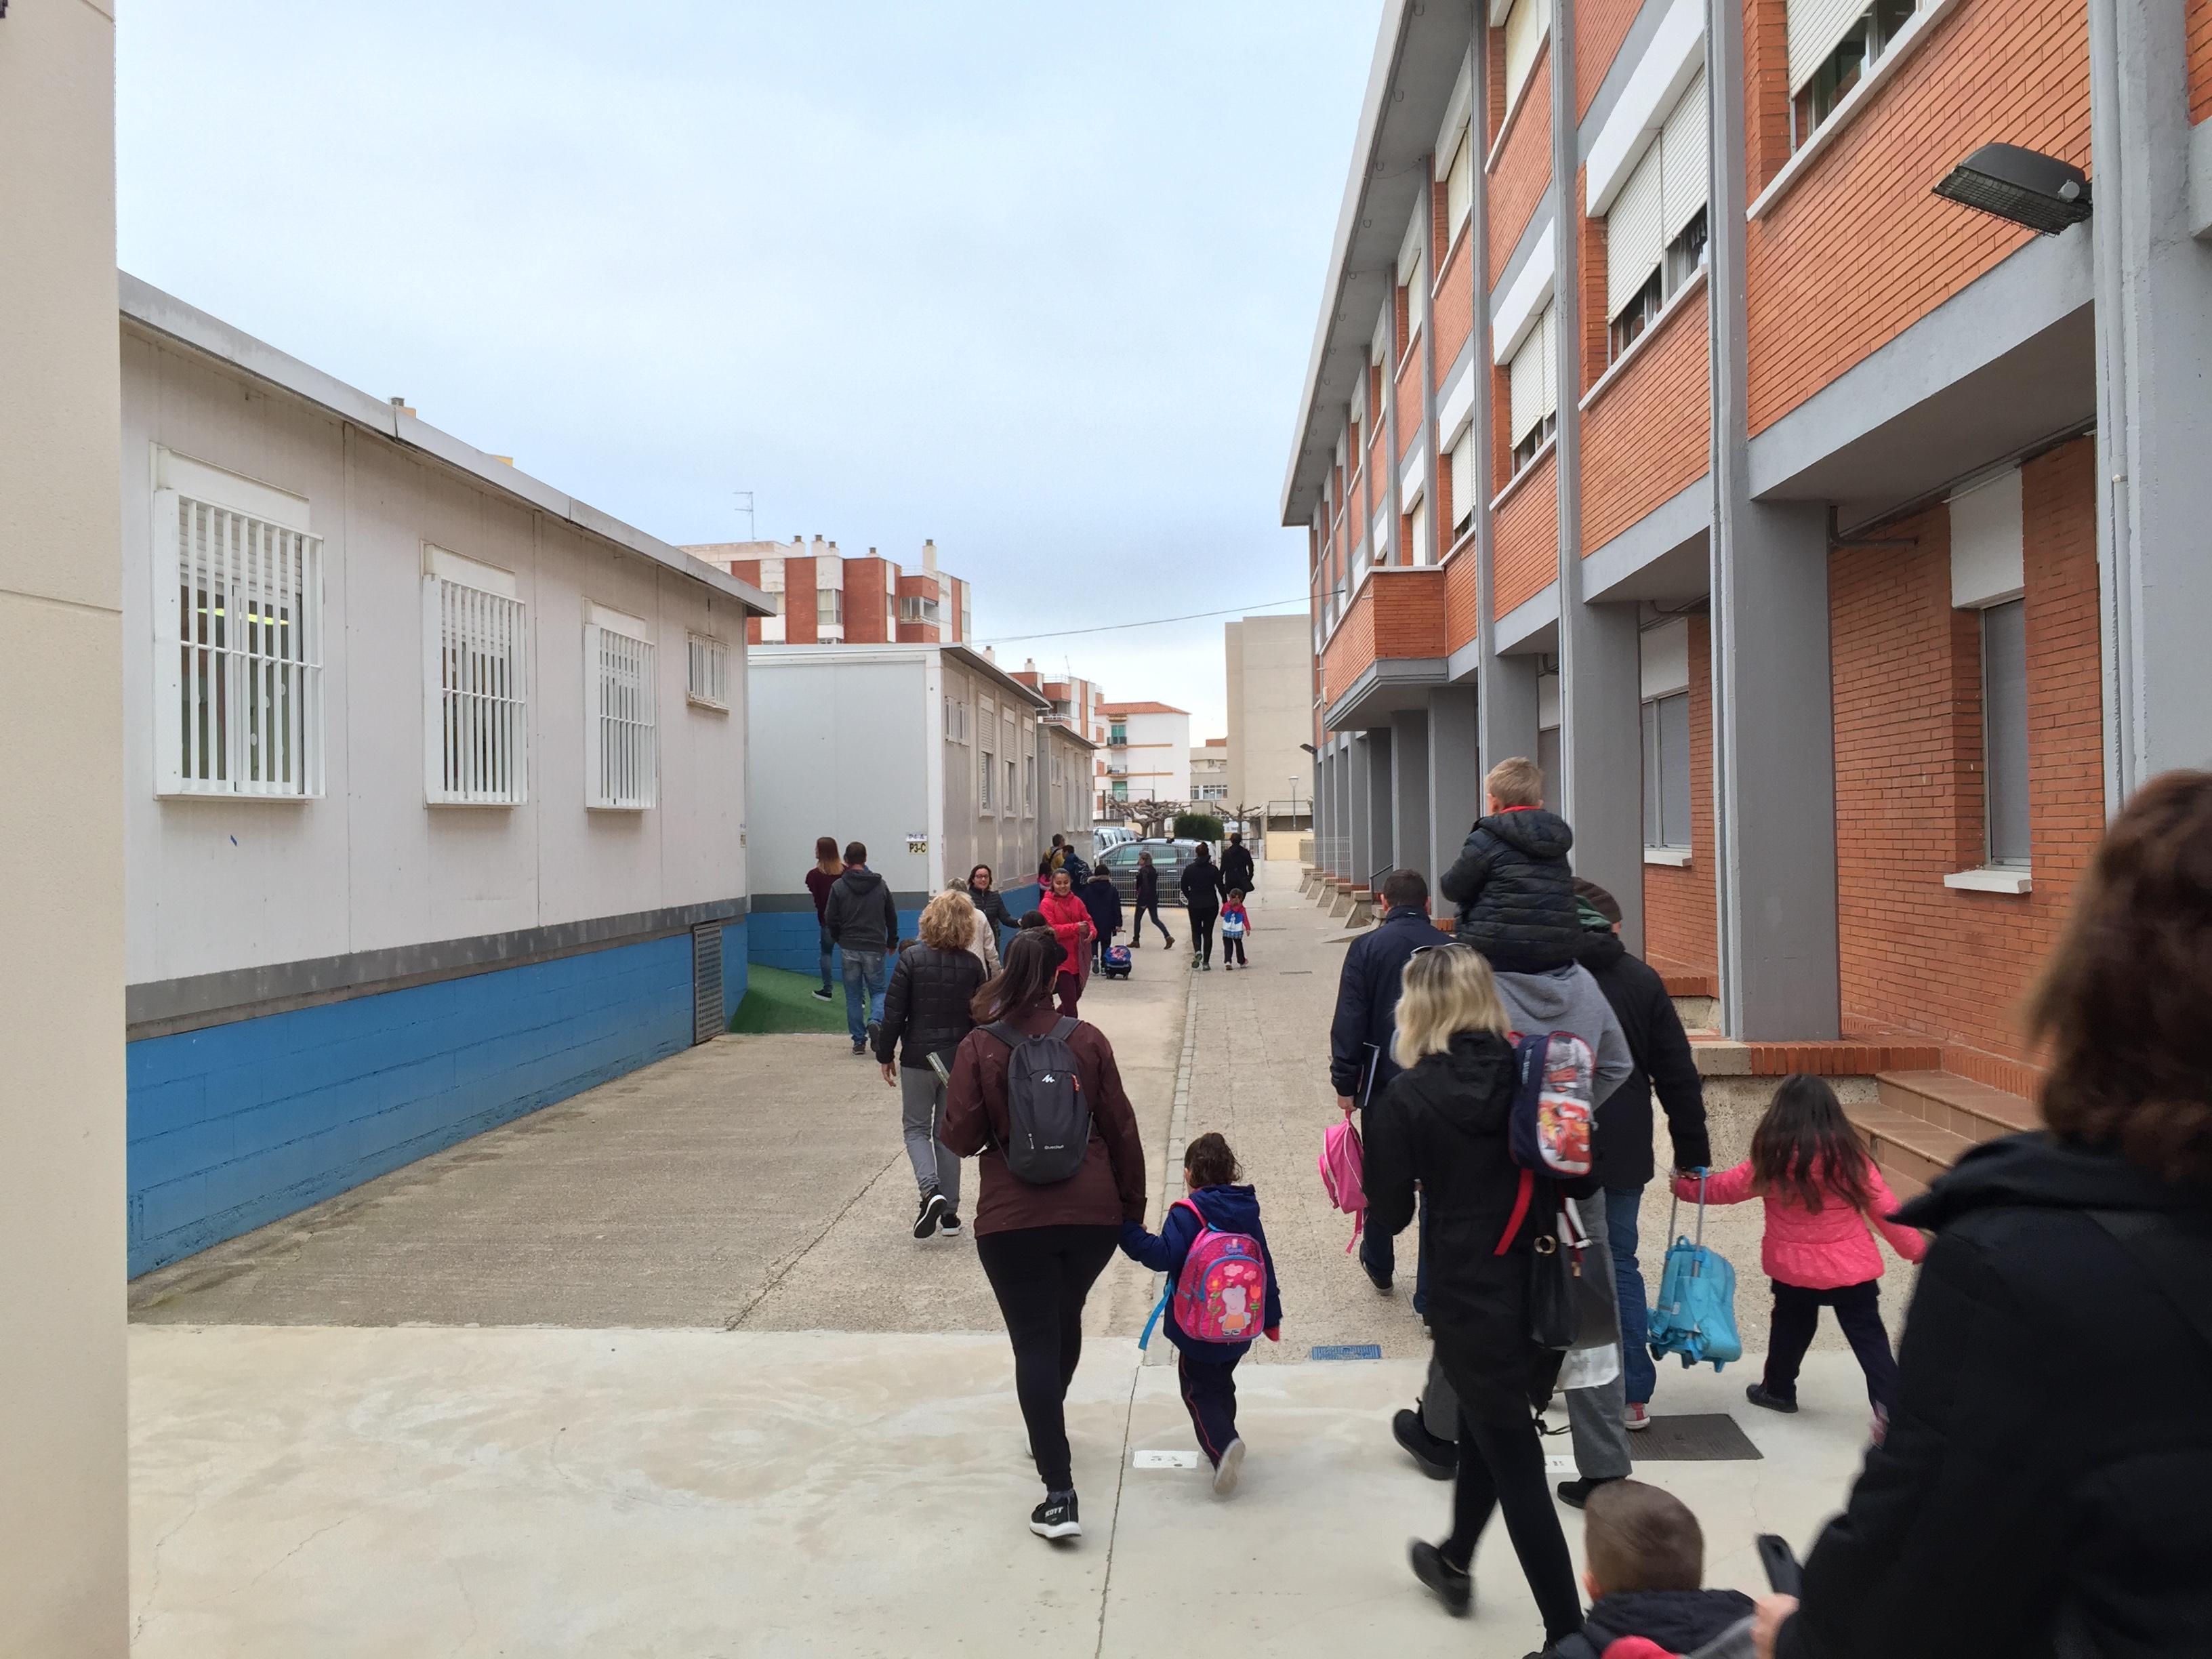 S'adjudica la redacció del projecte i direcció de les obres d'ampliació de l'Escola Mestral de l'Hospitalet de l'Infant